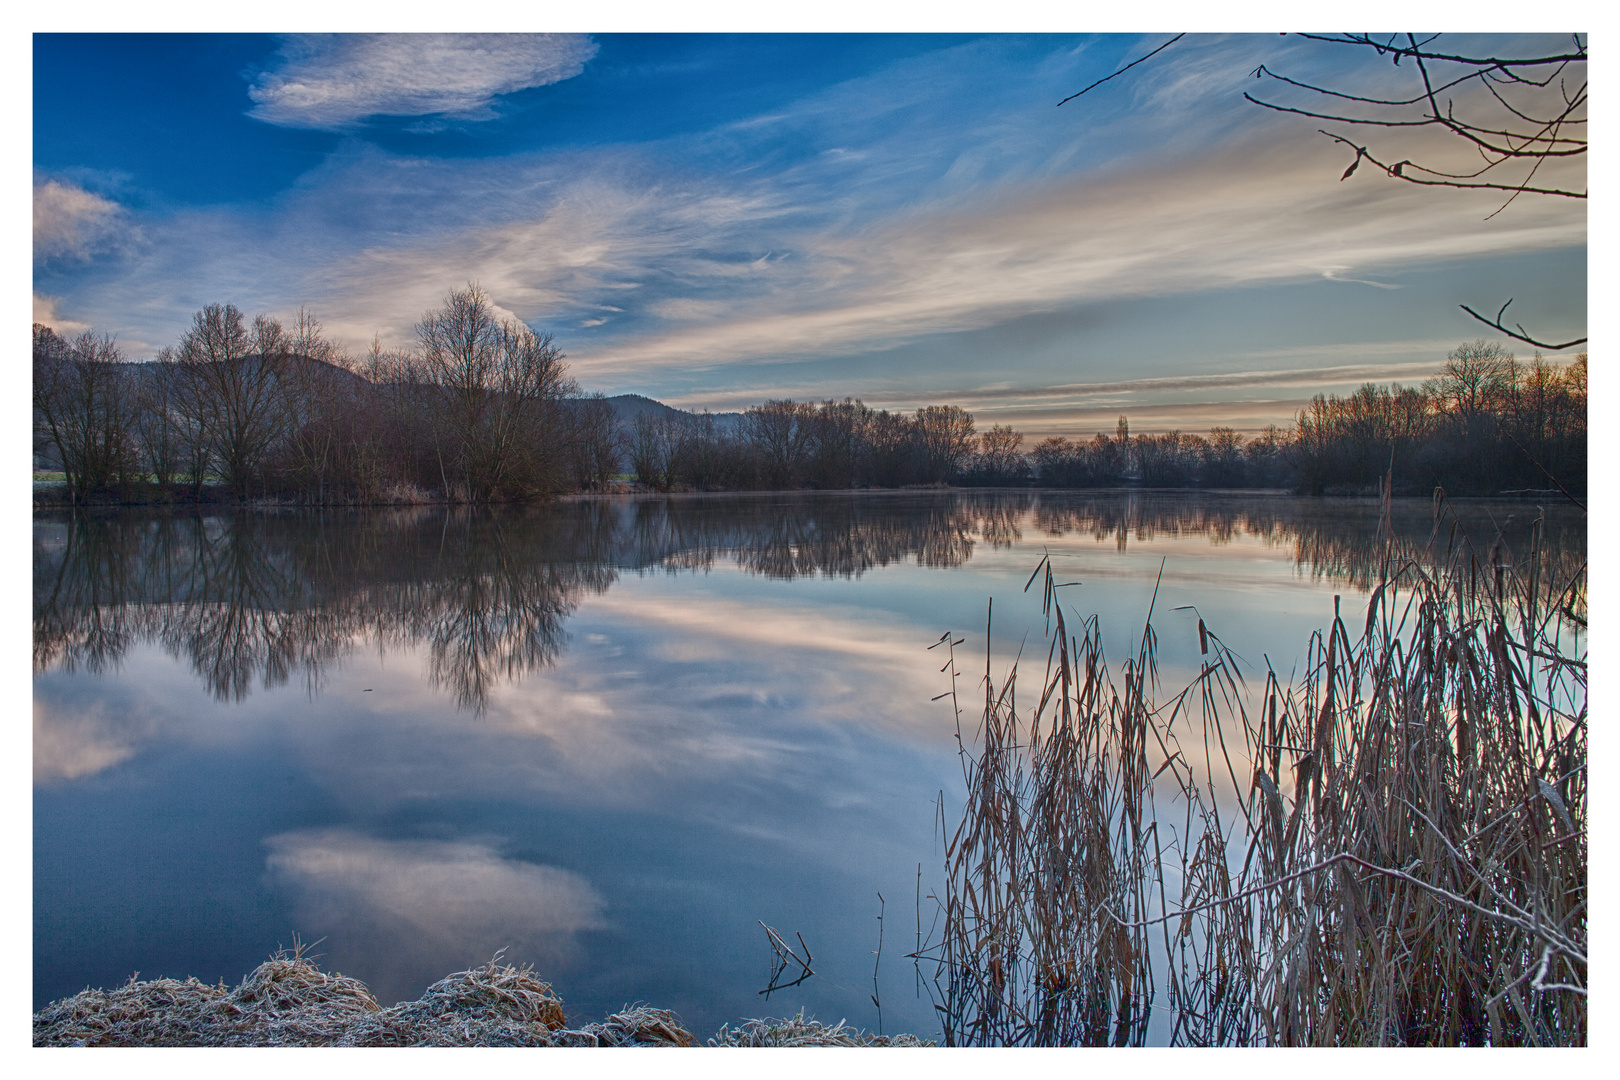 Baggersee Hirschau Foto & Bild | landschaft, bach, fluss